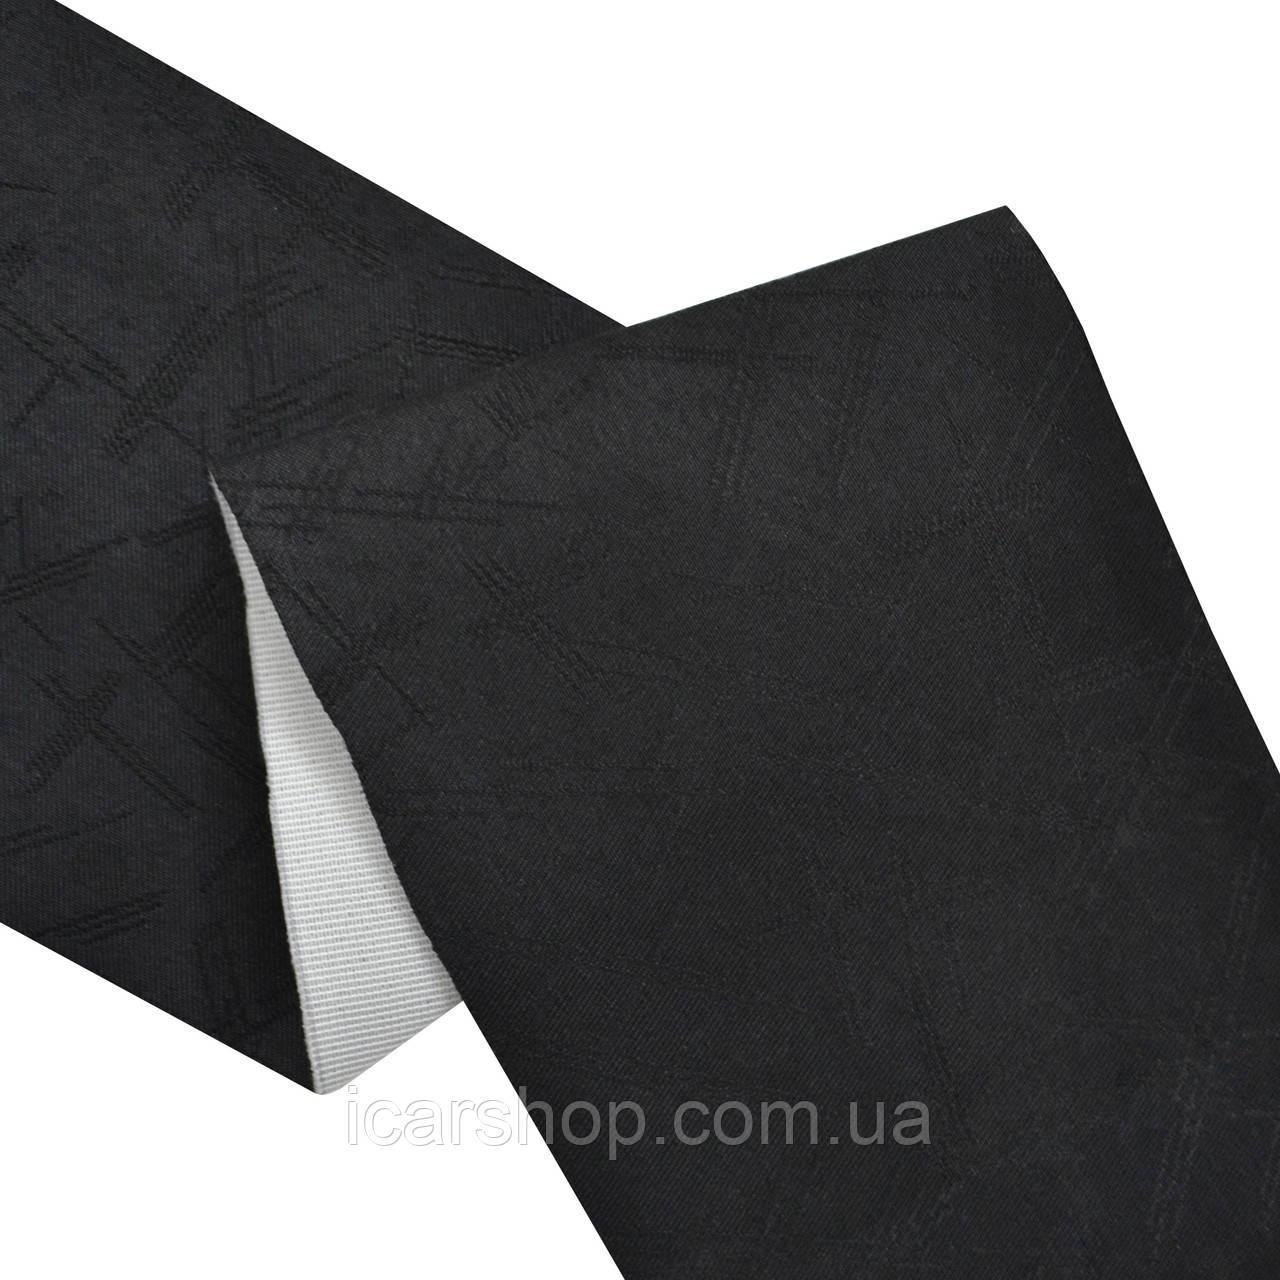 Ткань 150 (1,45м) / На поролоне 2мм